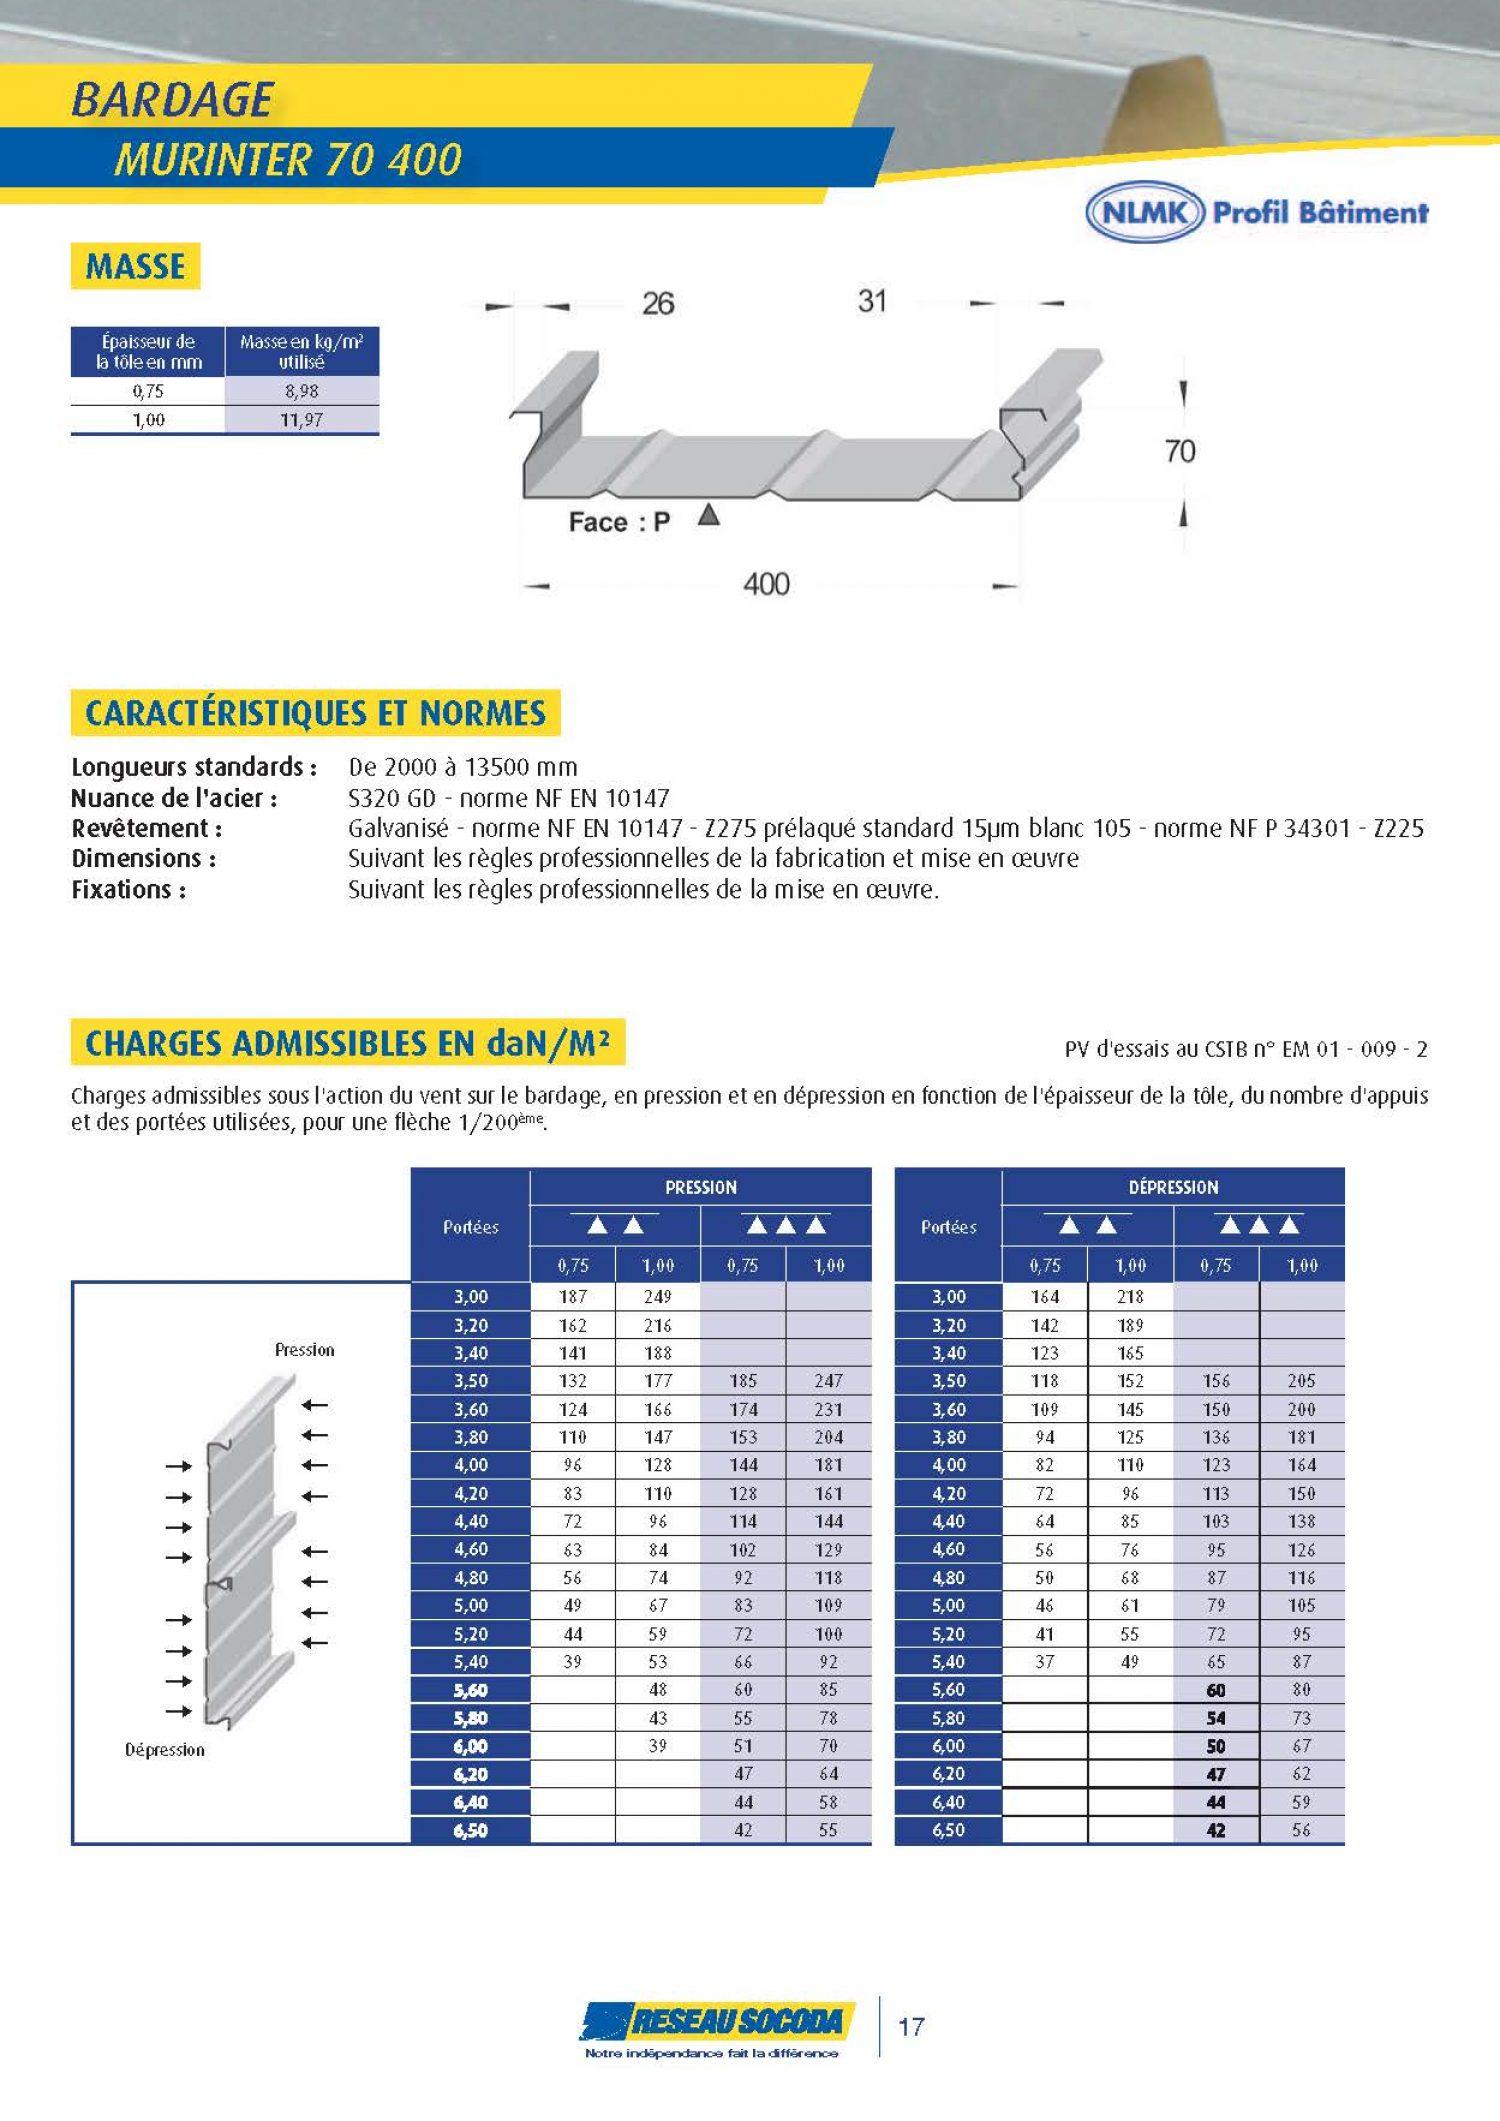 GERMOND_2014 PROFIL BATIMENT_20140324-184231_Page_17